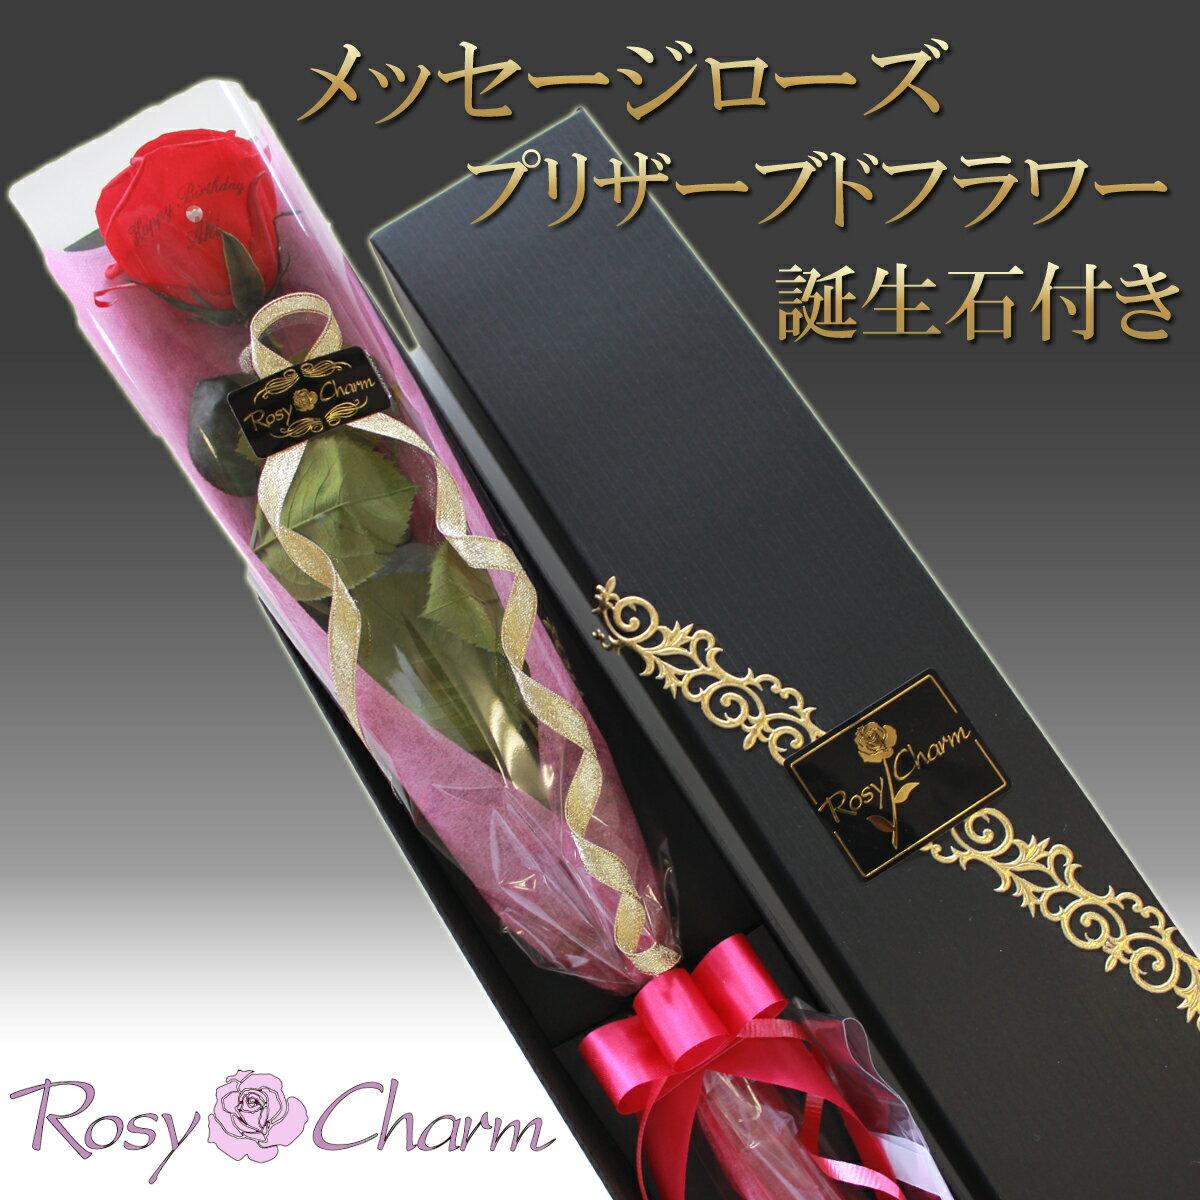 メッセージローズ プリザーブドフラワー 赤いバラ 1輪 誕生日プレゼント プロポーズ 記念日に贈るバラ1本